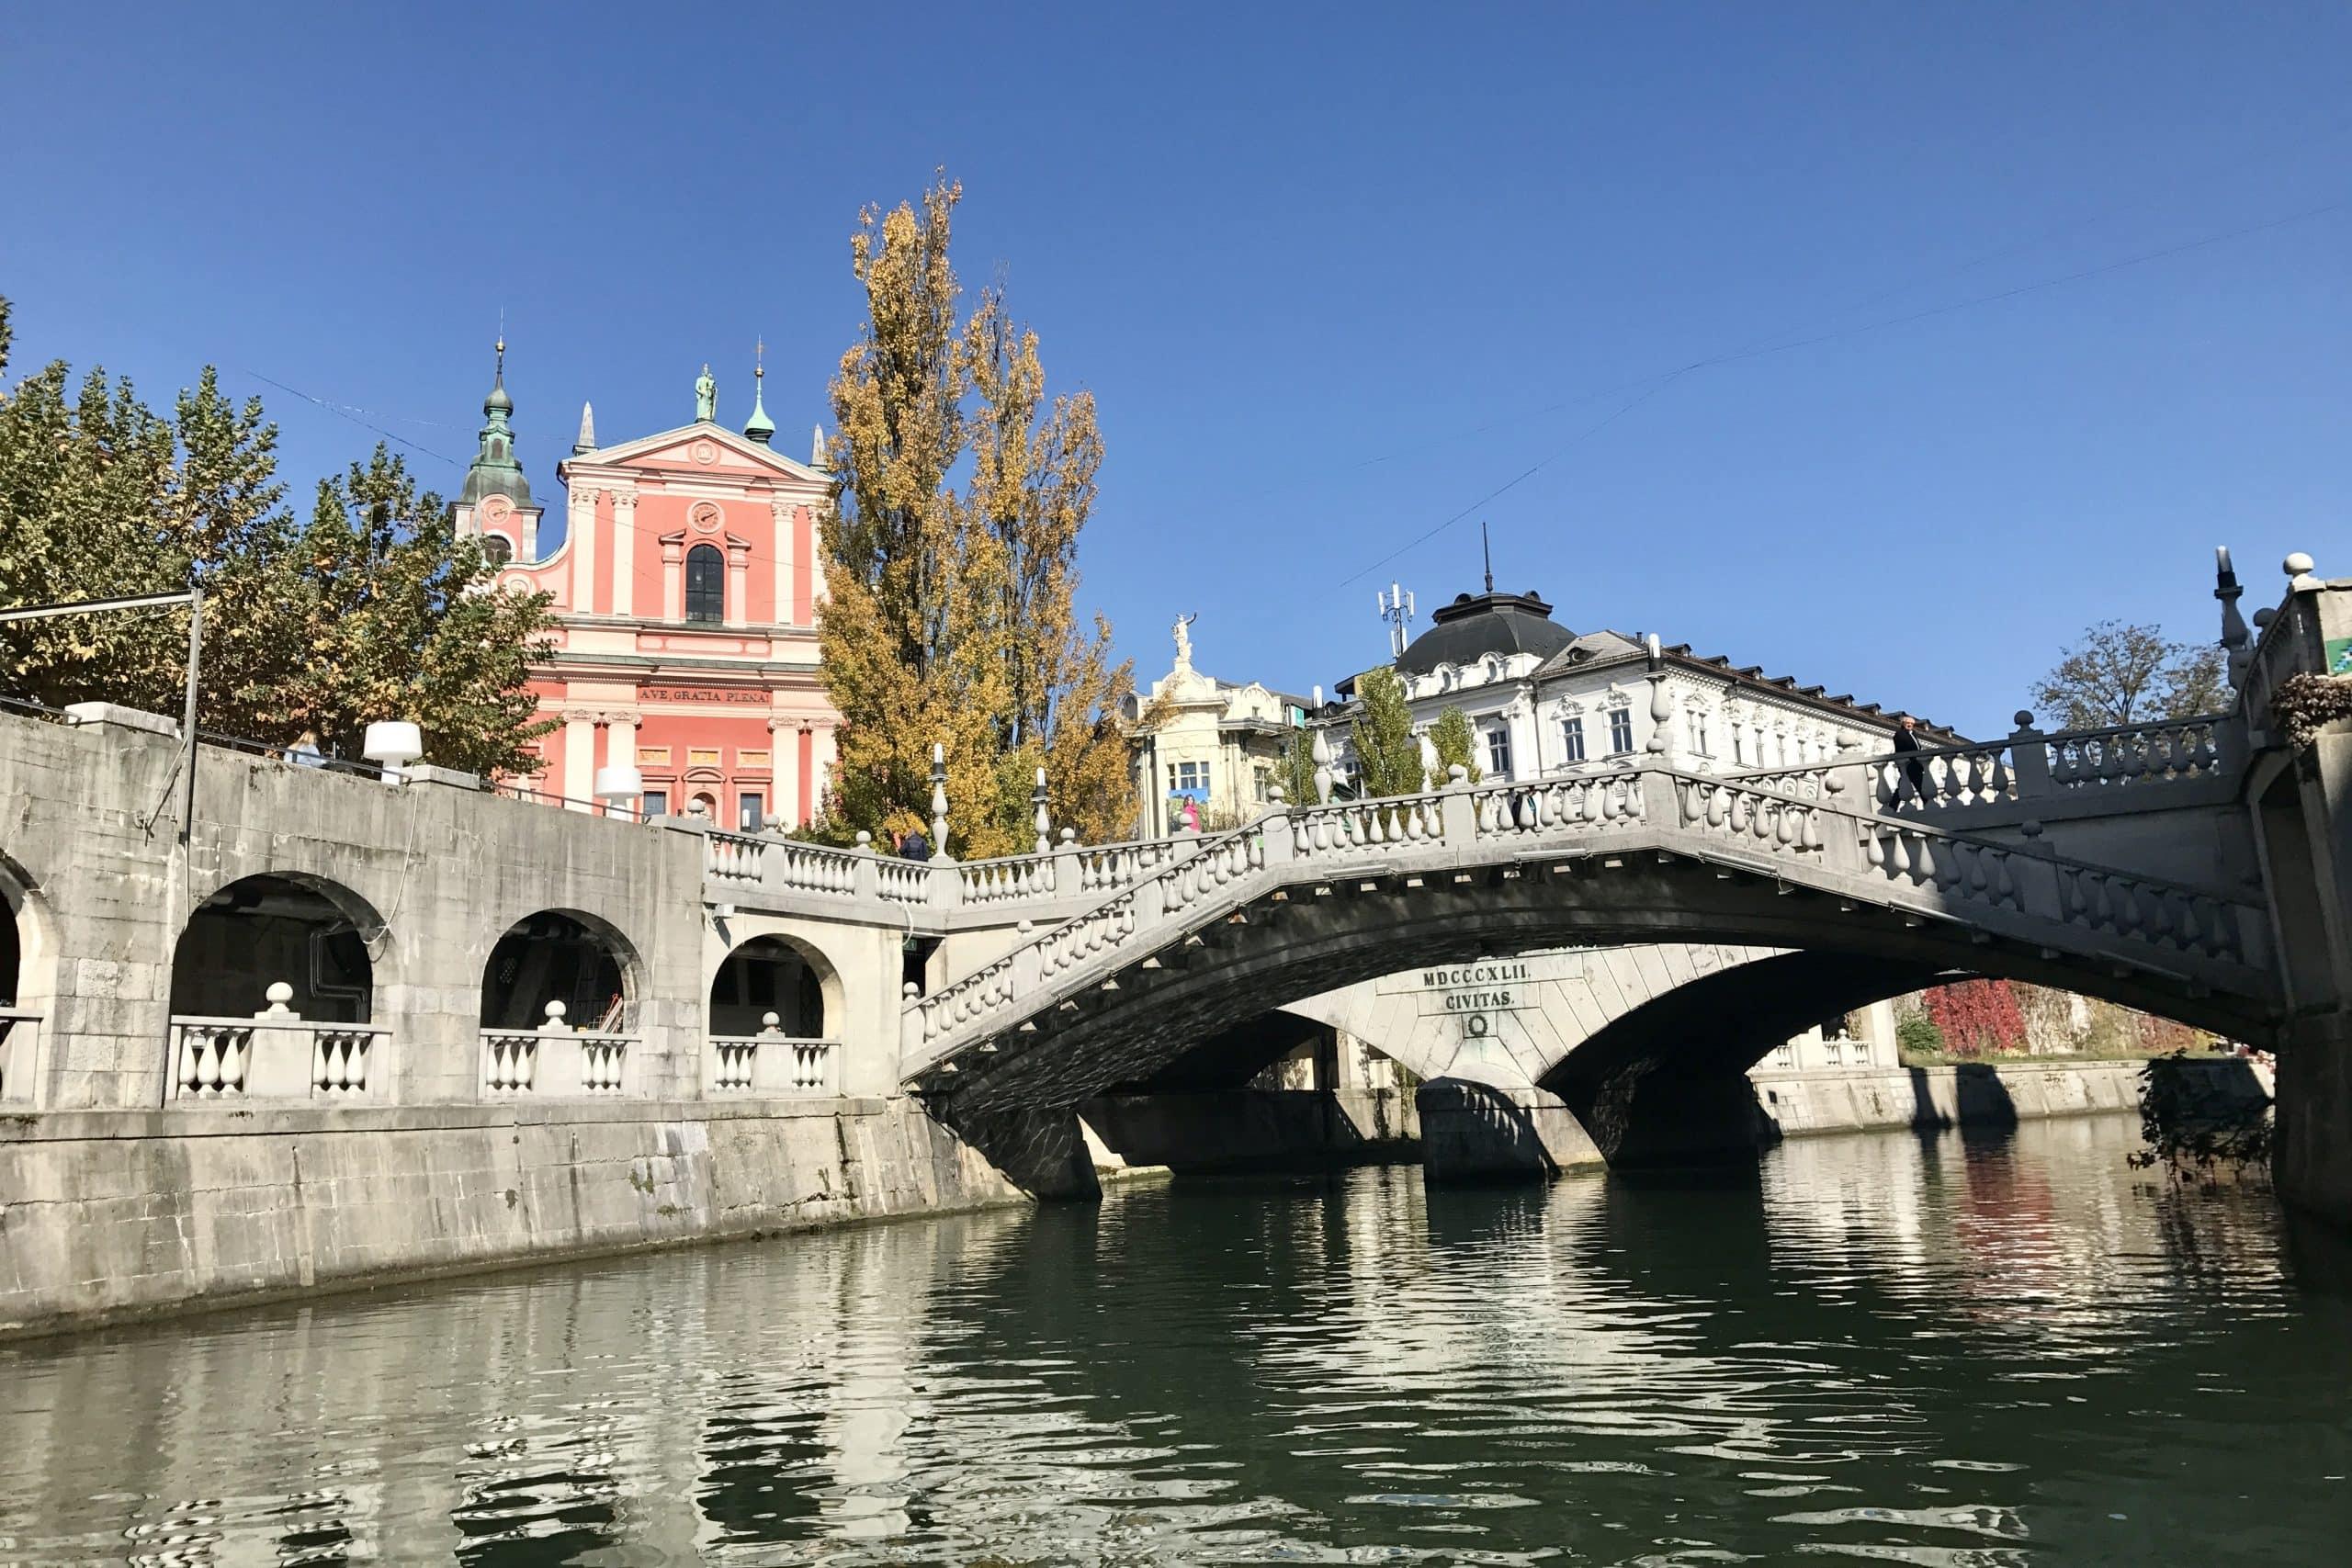 pink church and triple bridge in ljubljana in slovenia